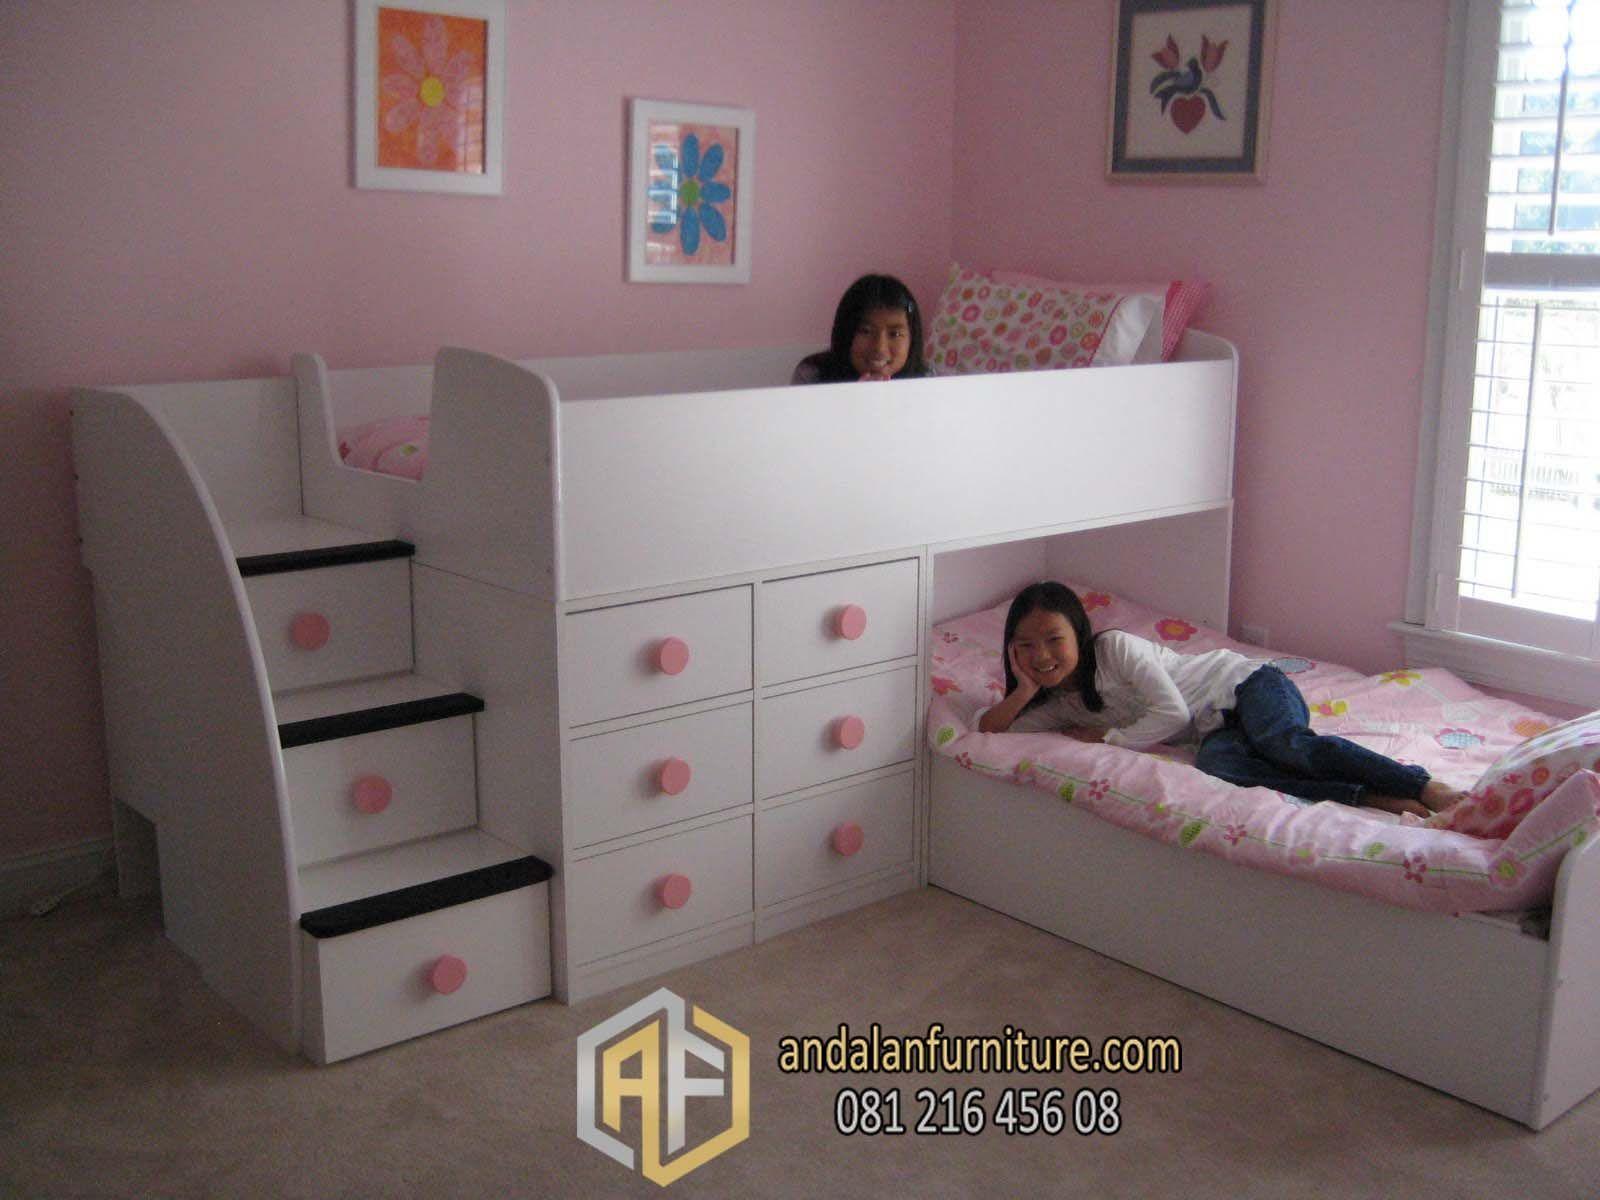 Tempat Tidur Tingkat Anak Kembar Perempuan Minimalis Bunkbed Kamar Tidur Anak Anak Tempat Tidur Anak Girls Bedroom Tempat tidur anak 2 tingkat